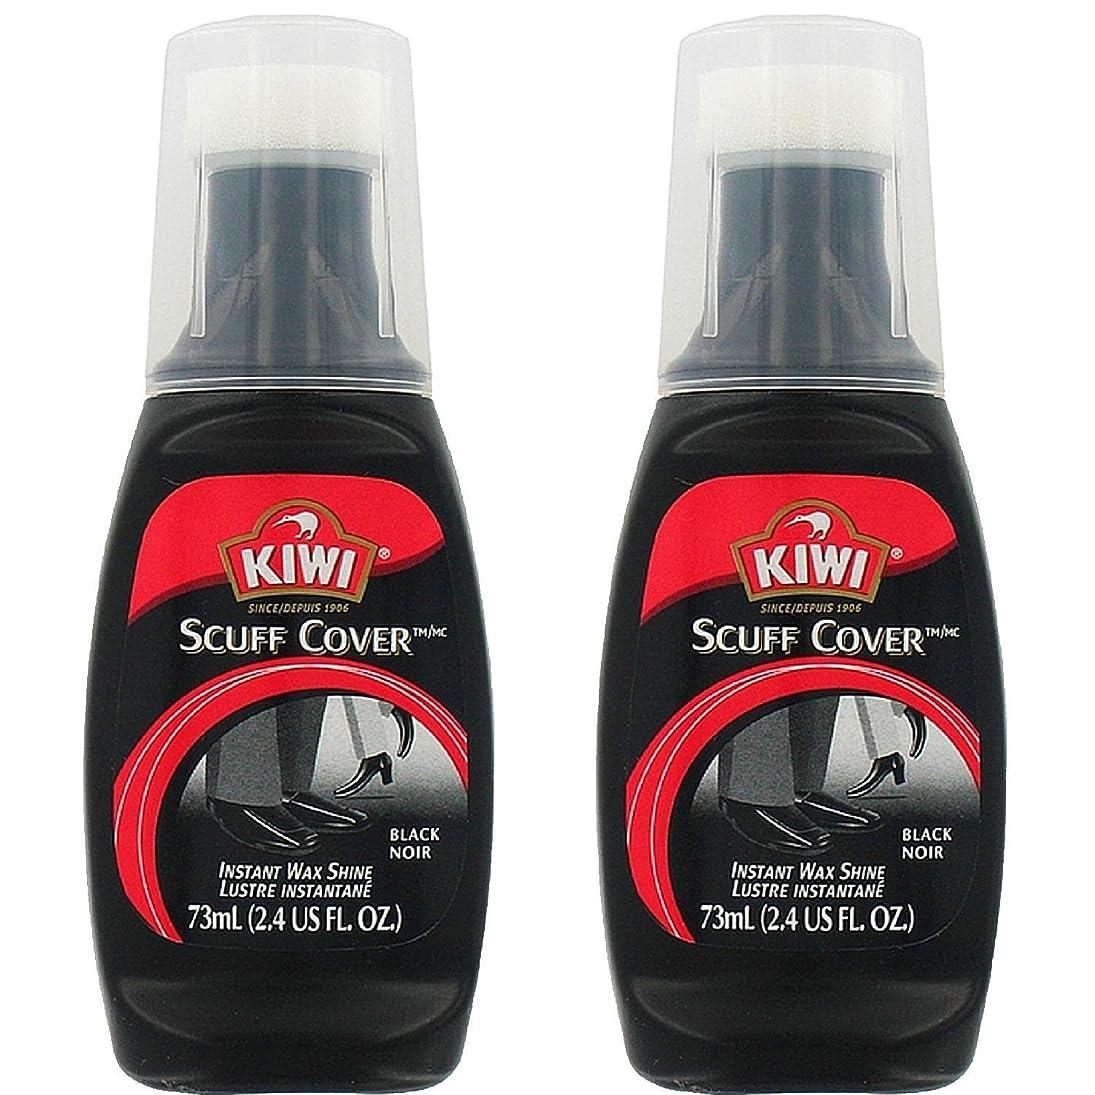 幻想的黒無知Kiwi KIWIスカッフカバー、ブラック2.40オンス(2パック) 2パック